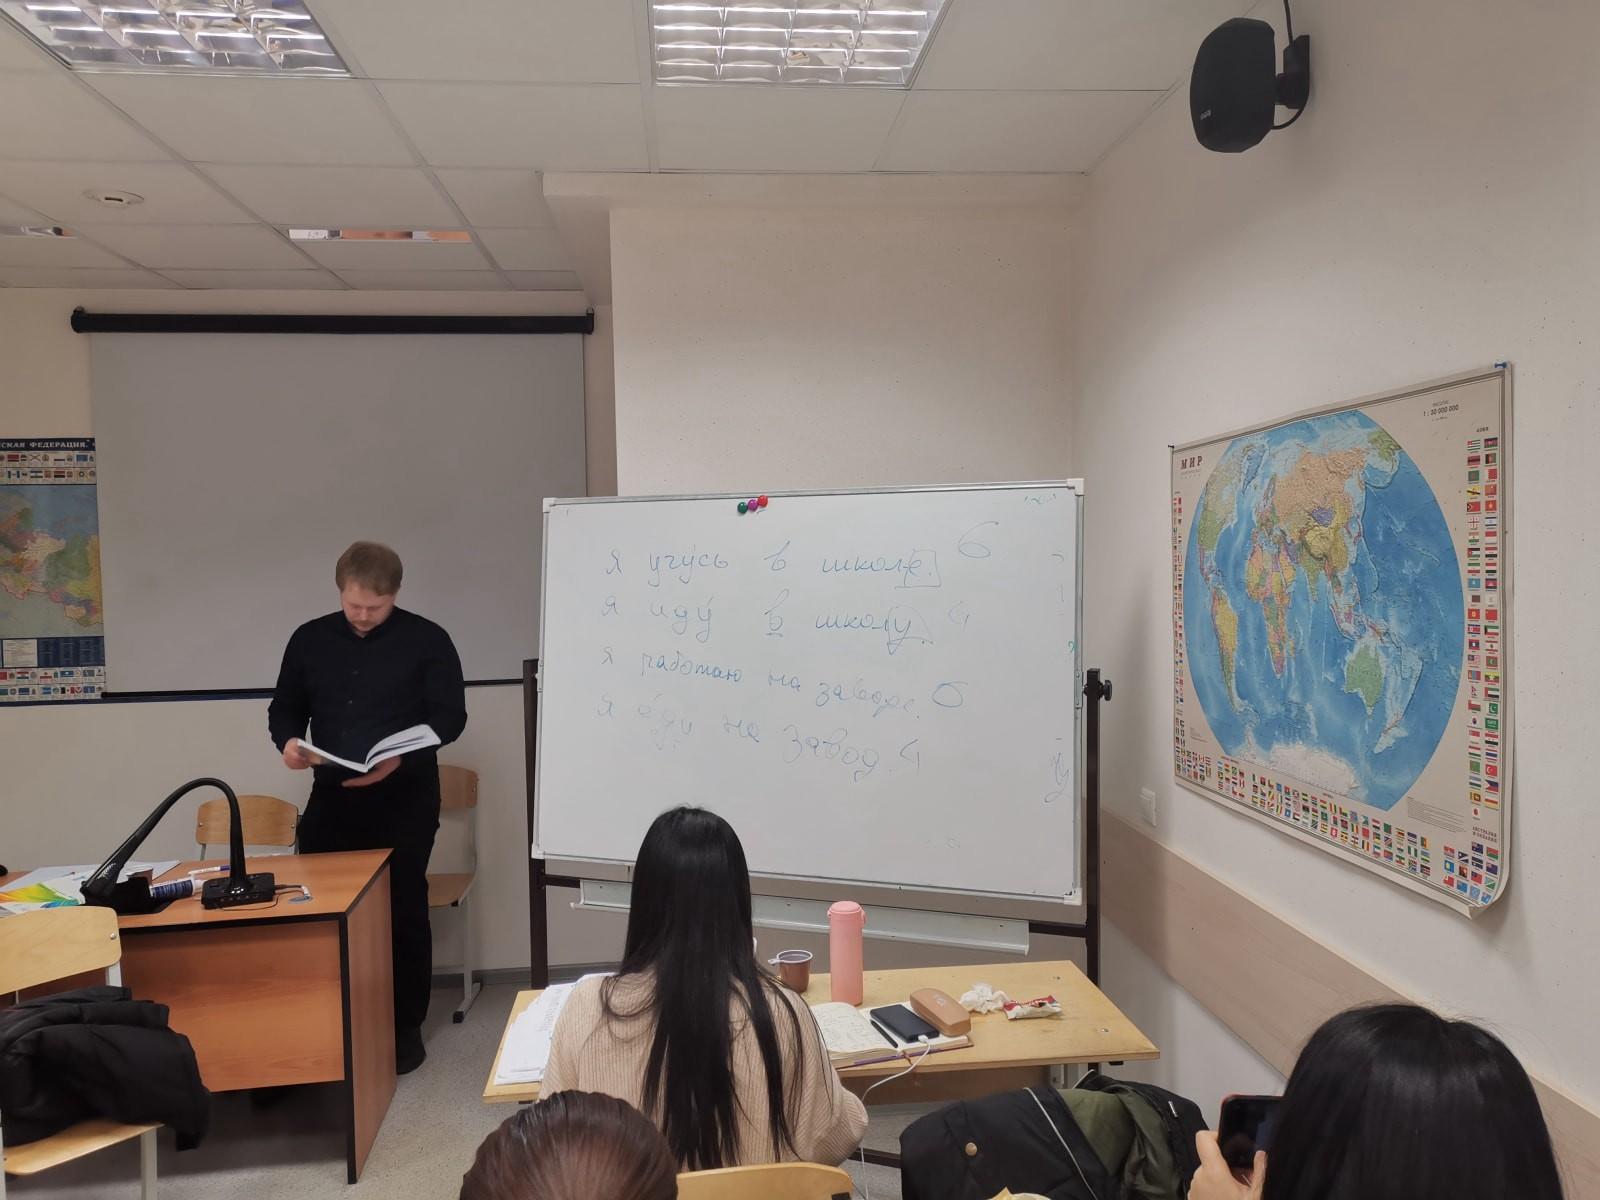 乌拉尔联邦大学2019年学生12月的预科上课实况|俄罗斯留学预科|俄罗斯大学预科学习